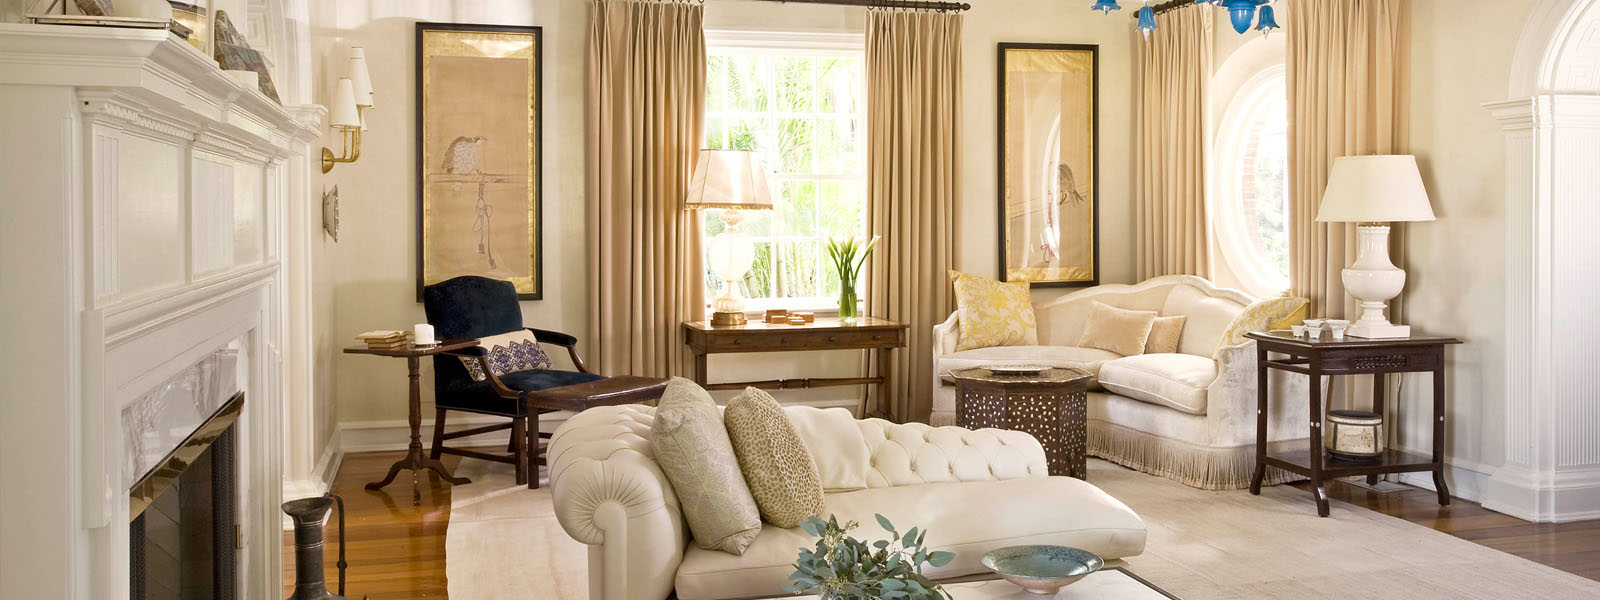 10 cách phối màu cho căn phòng đẹp